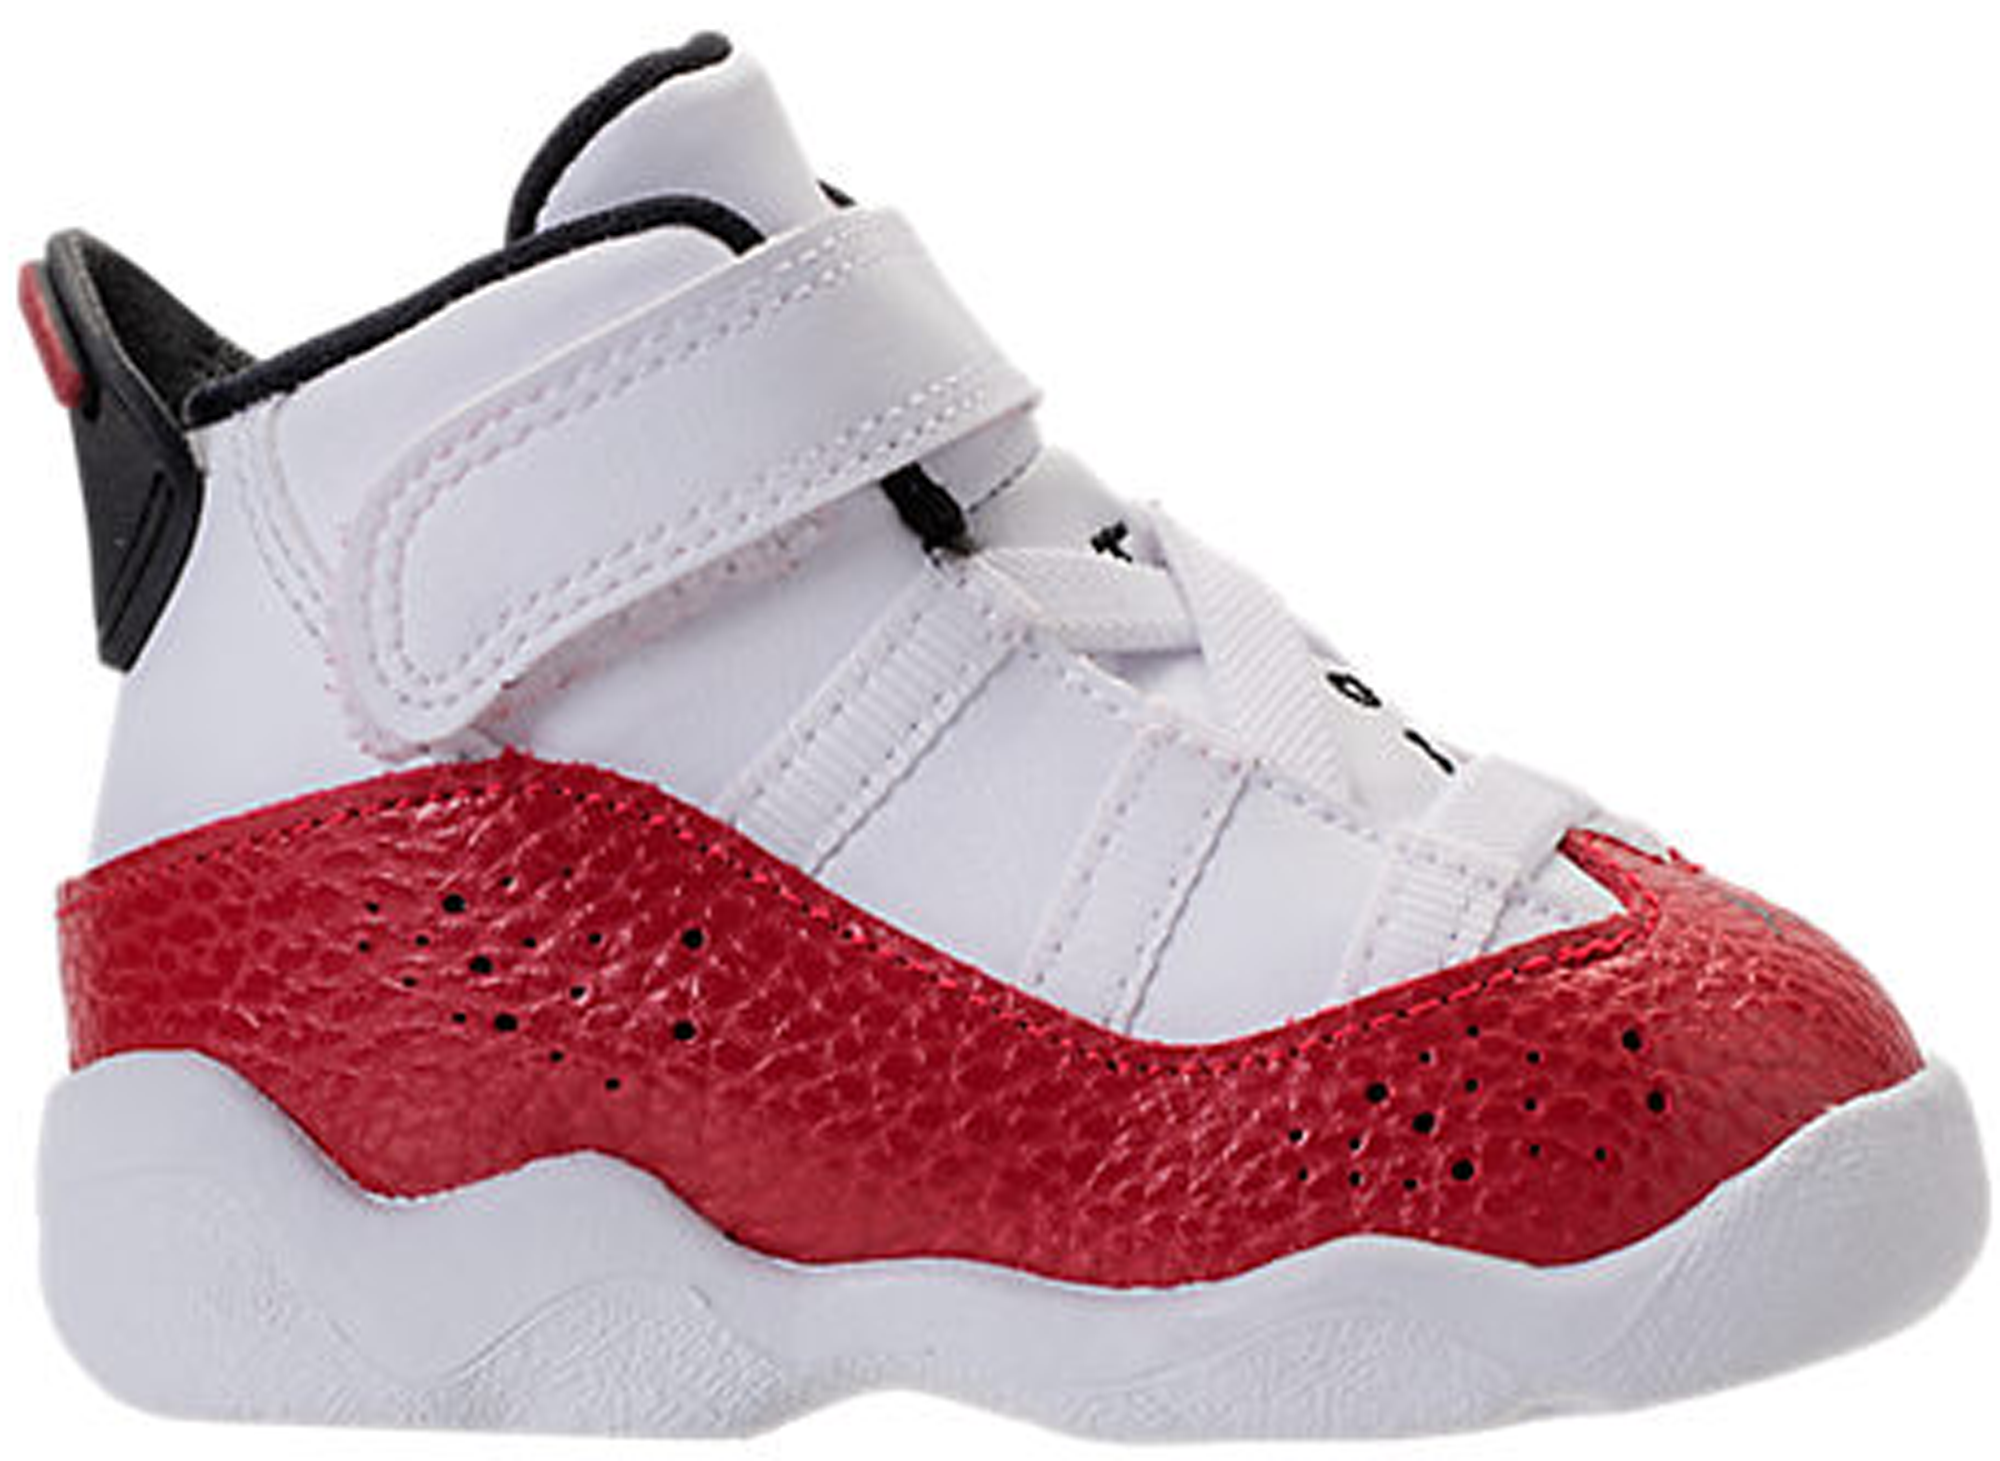 Jordan 6 Rings White University Red (TD